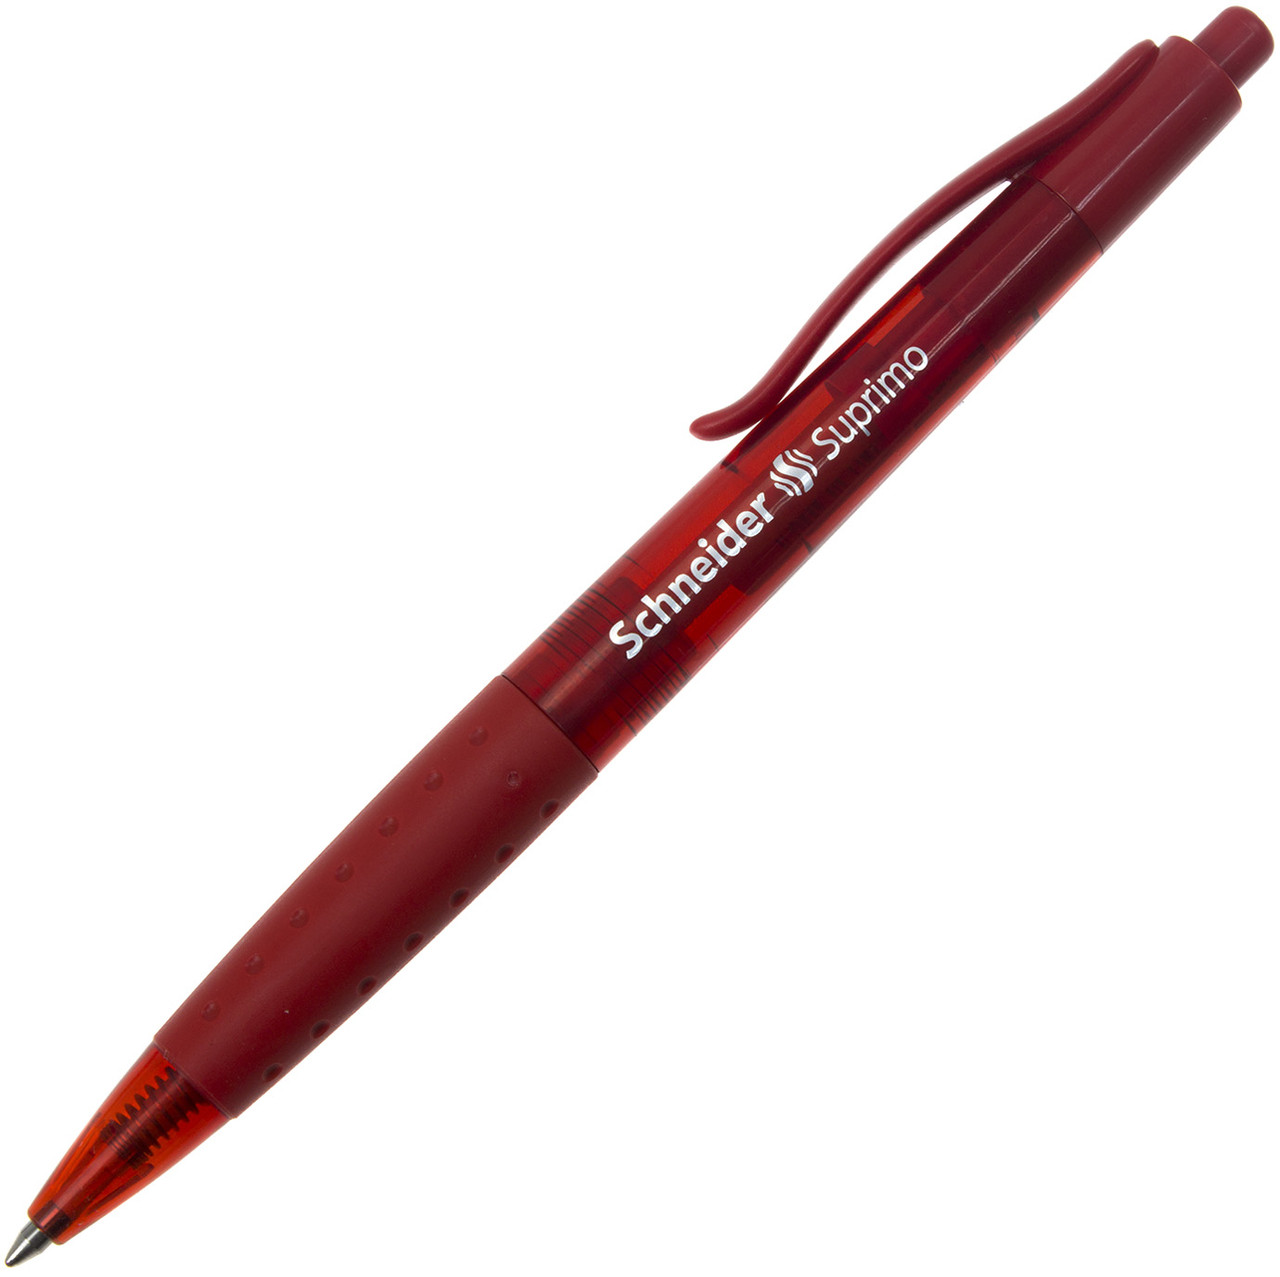 """Ручка авт. кульк. """"Schneider"""" №135602 Suprimo 0,7мм червона,корпус червоний(20)"""